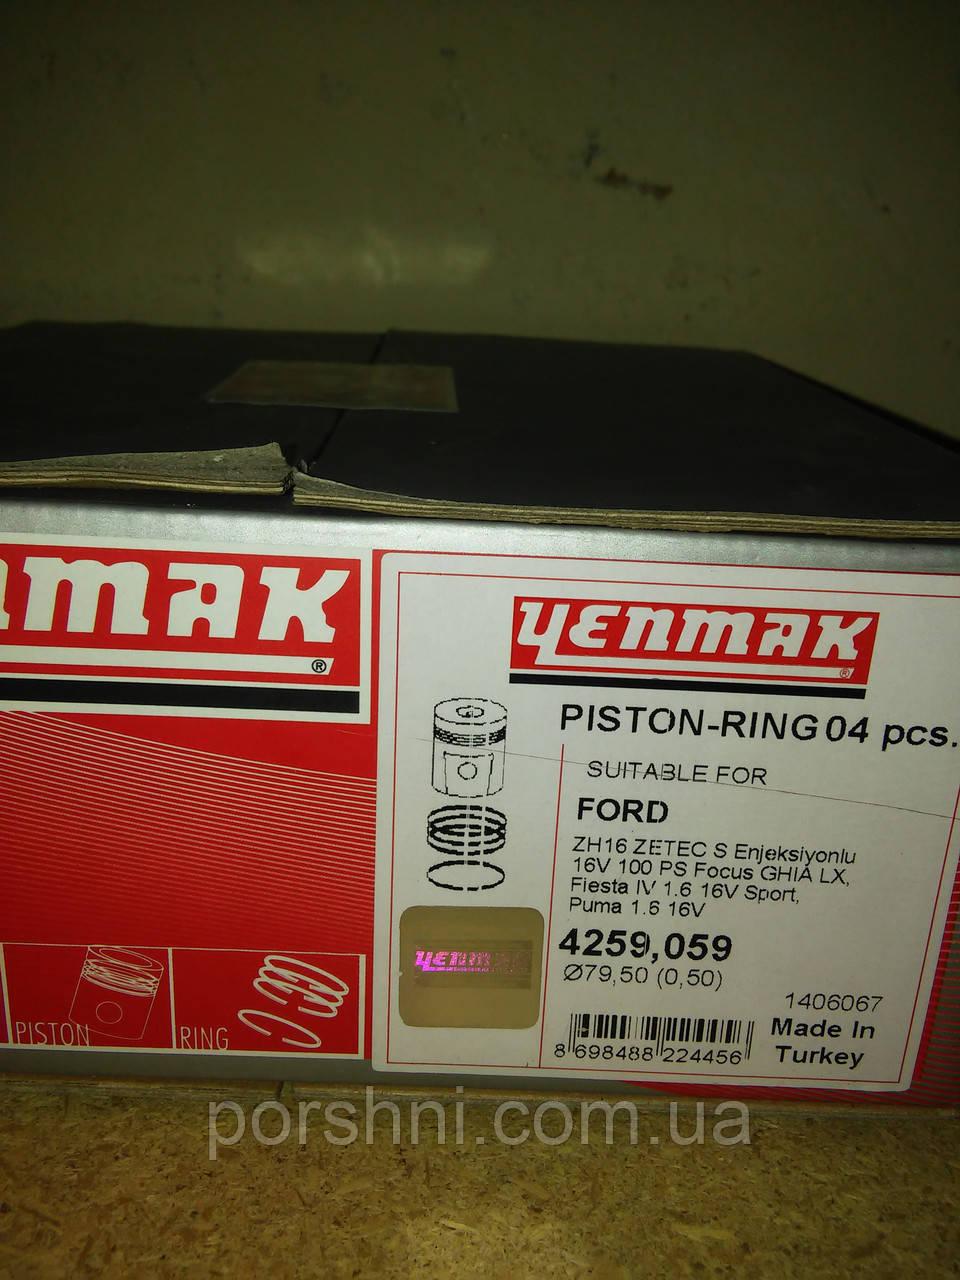 Поршни Yenmak  Форд Фокус 1,6 16V  поршни первый ремонт размер 79,5